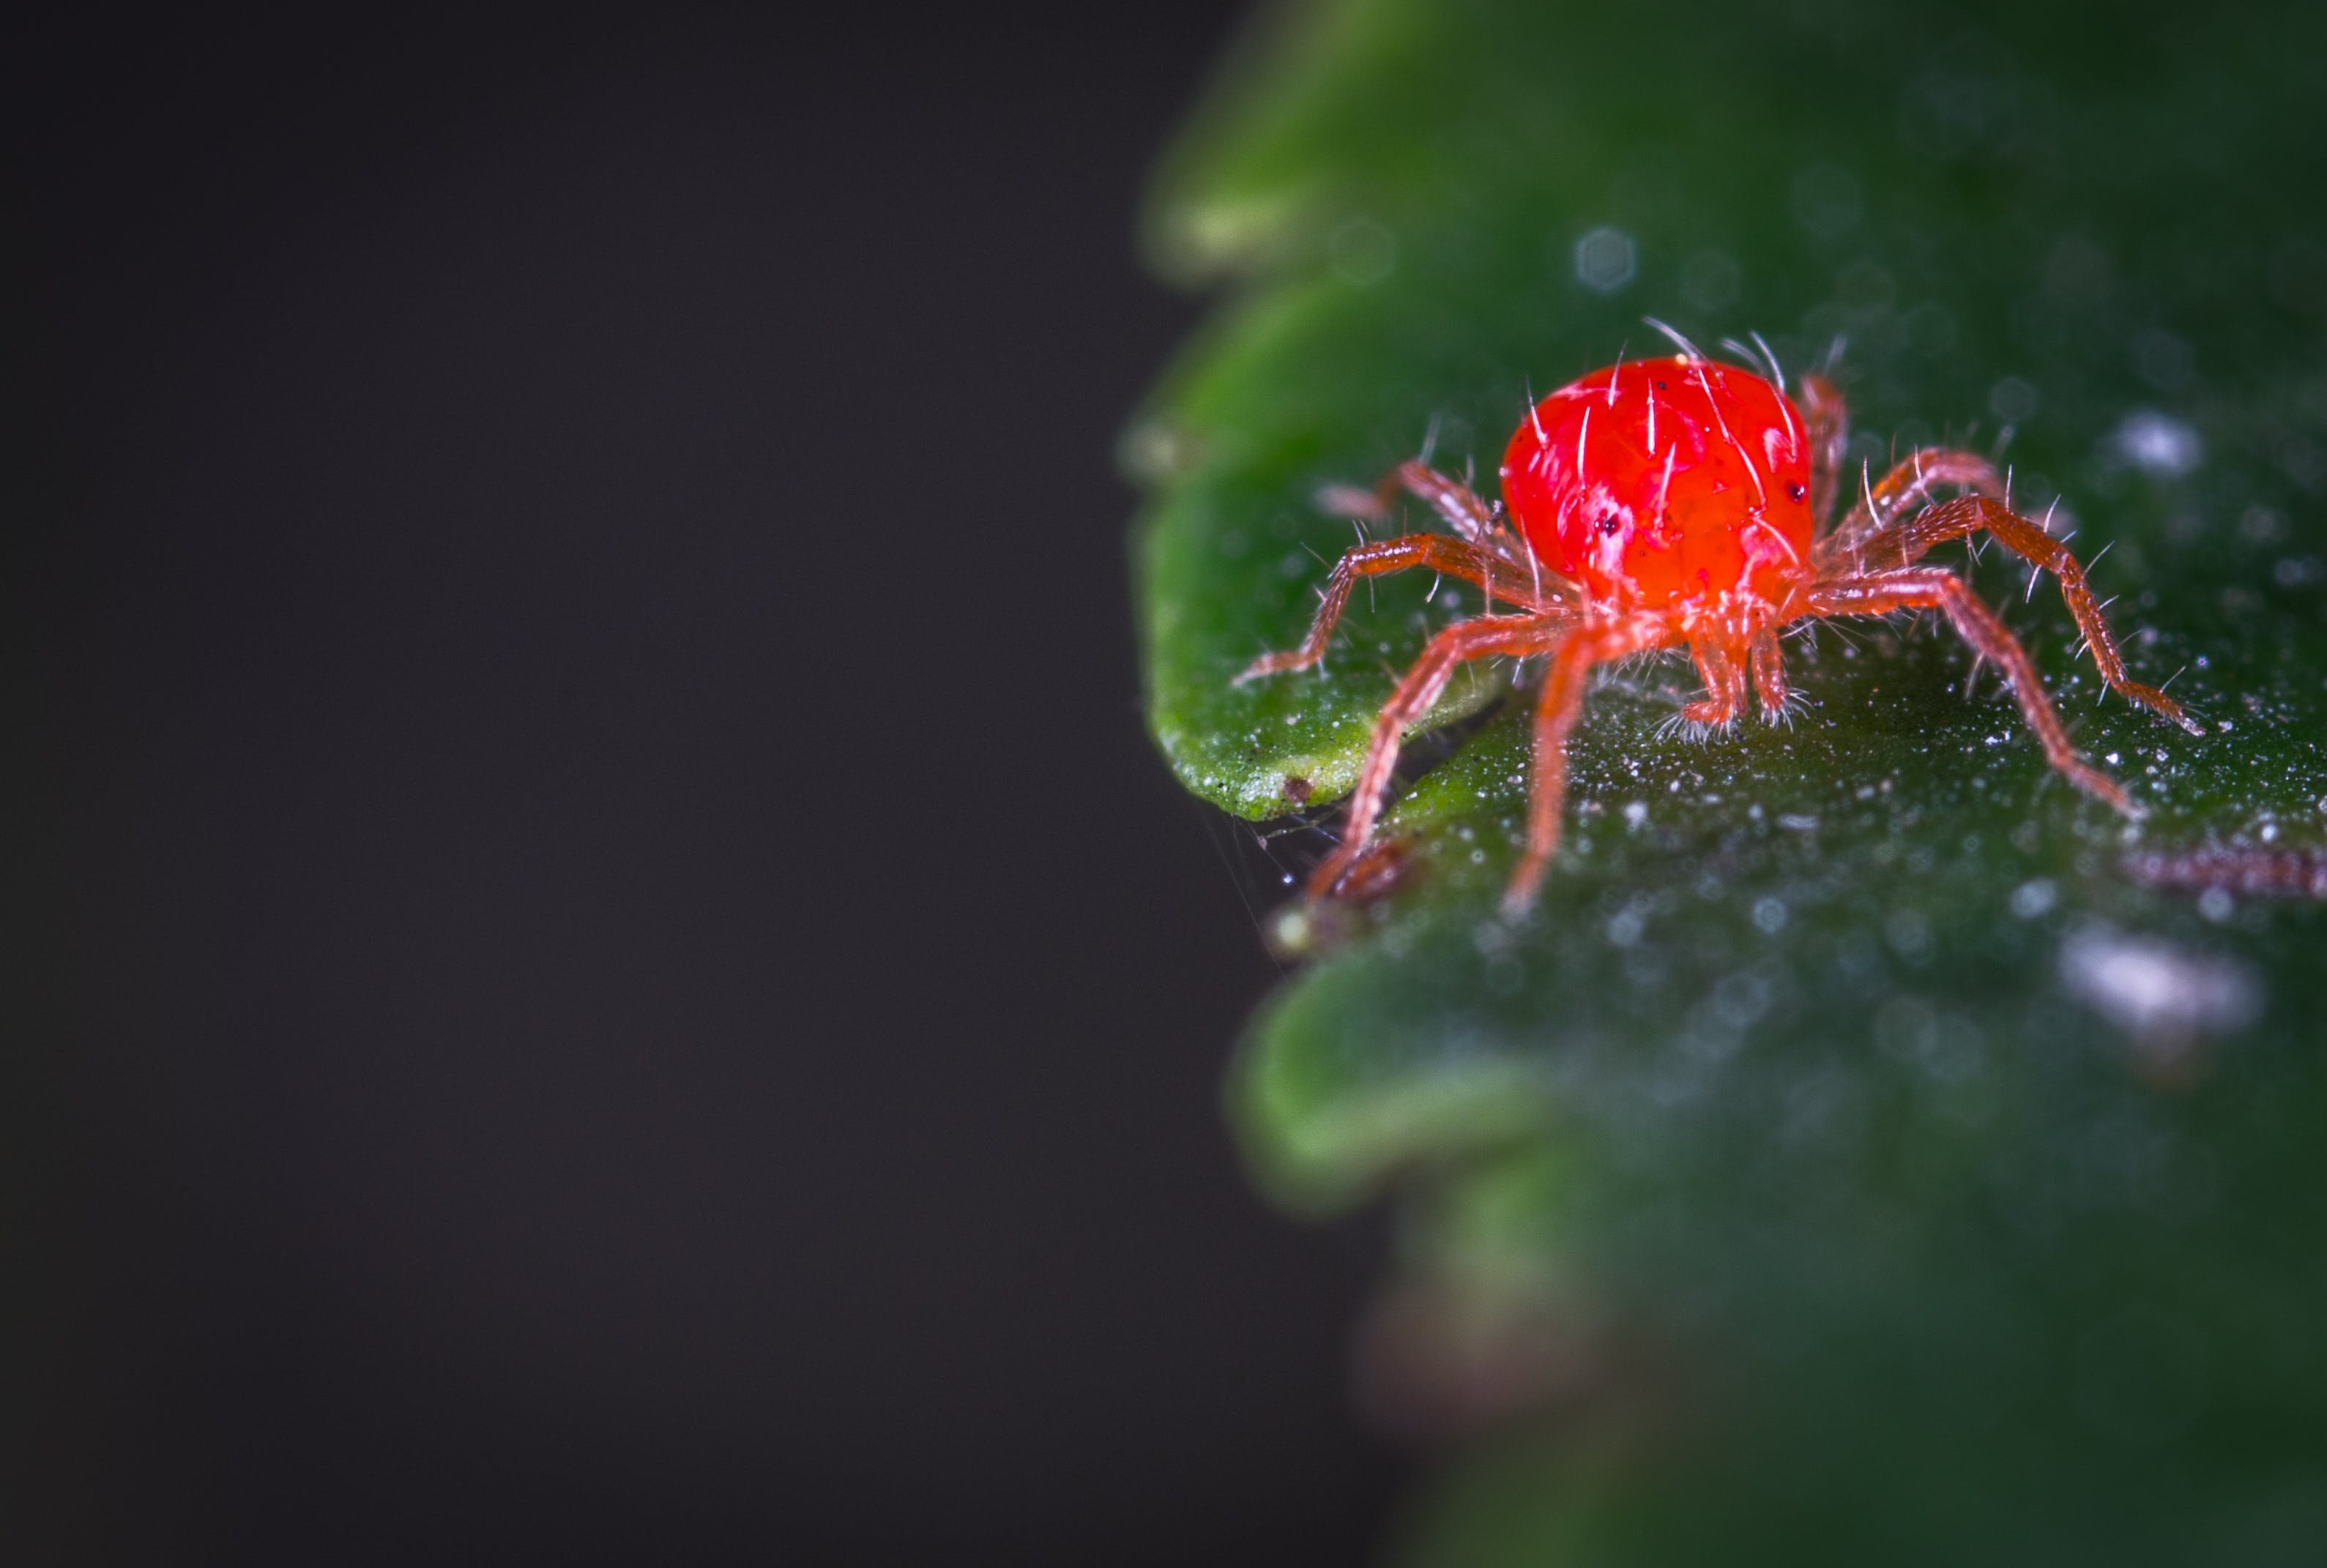 Δωρεάν στοκ φωτογραφιών με macro, ανατριχιαστικός, αράχνη, αραχνοειδές έντομο